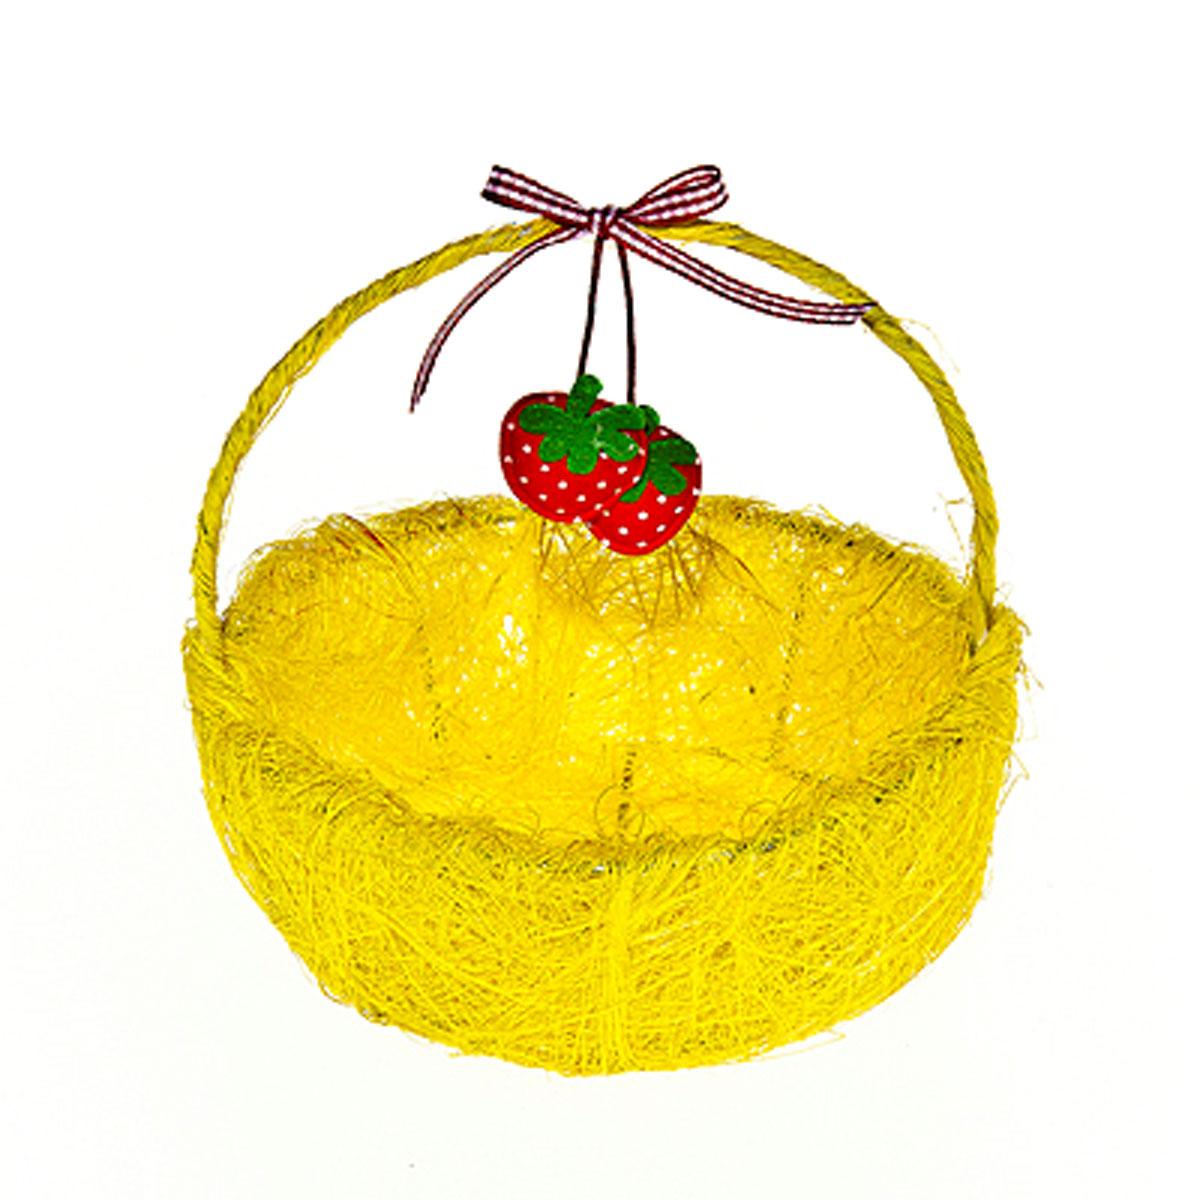 Корзина декоративная Home Queen Ягоды, цвет: желтый, 14 см х 13 см х 5 см64328_6Декоративная корзина Home Queen Ягоды предназначена для хранения различных мелочей и аксессуаров. Изделие имеет металлический каркас, обтянутый нитями из полиэстера. Корзина оснащена удобной ручкой и декорирована подвесным украшением в виде текстильных ягод с бантиком.Такая корзина станет оригинальным и необычным подарком или украшением интерьера. Размер корзины: 14 см х 13 см х 5 см.Диаметр дна: 10 см.Высота ручки: 10 см.